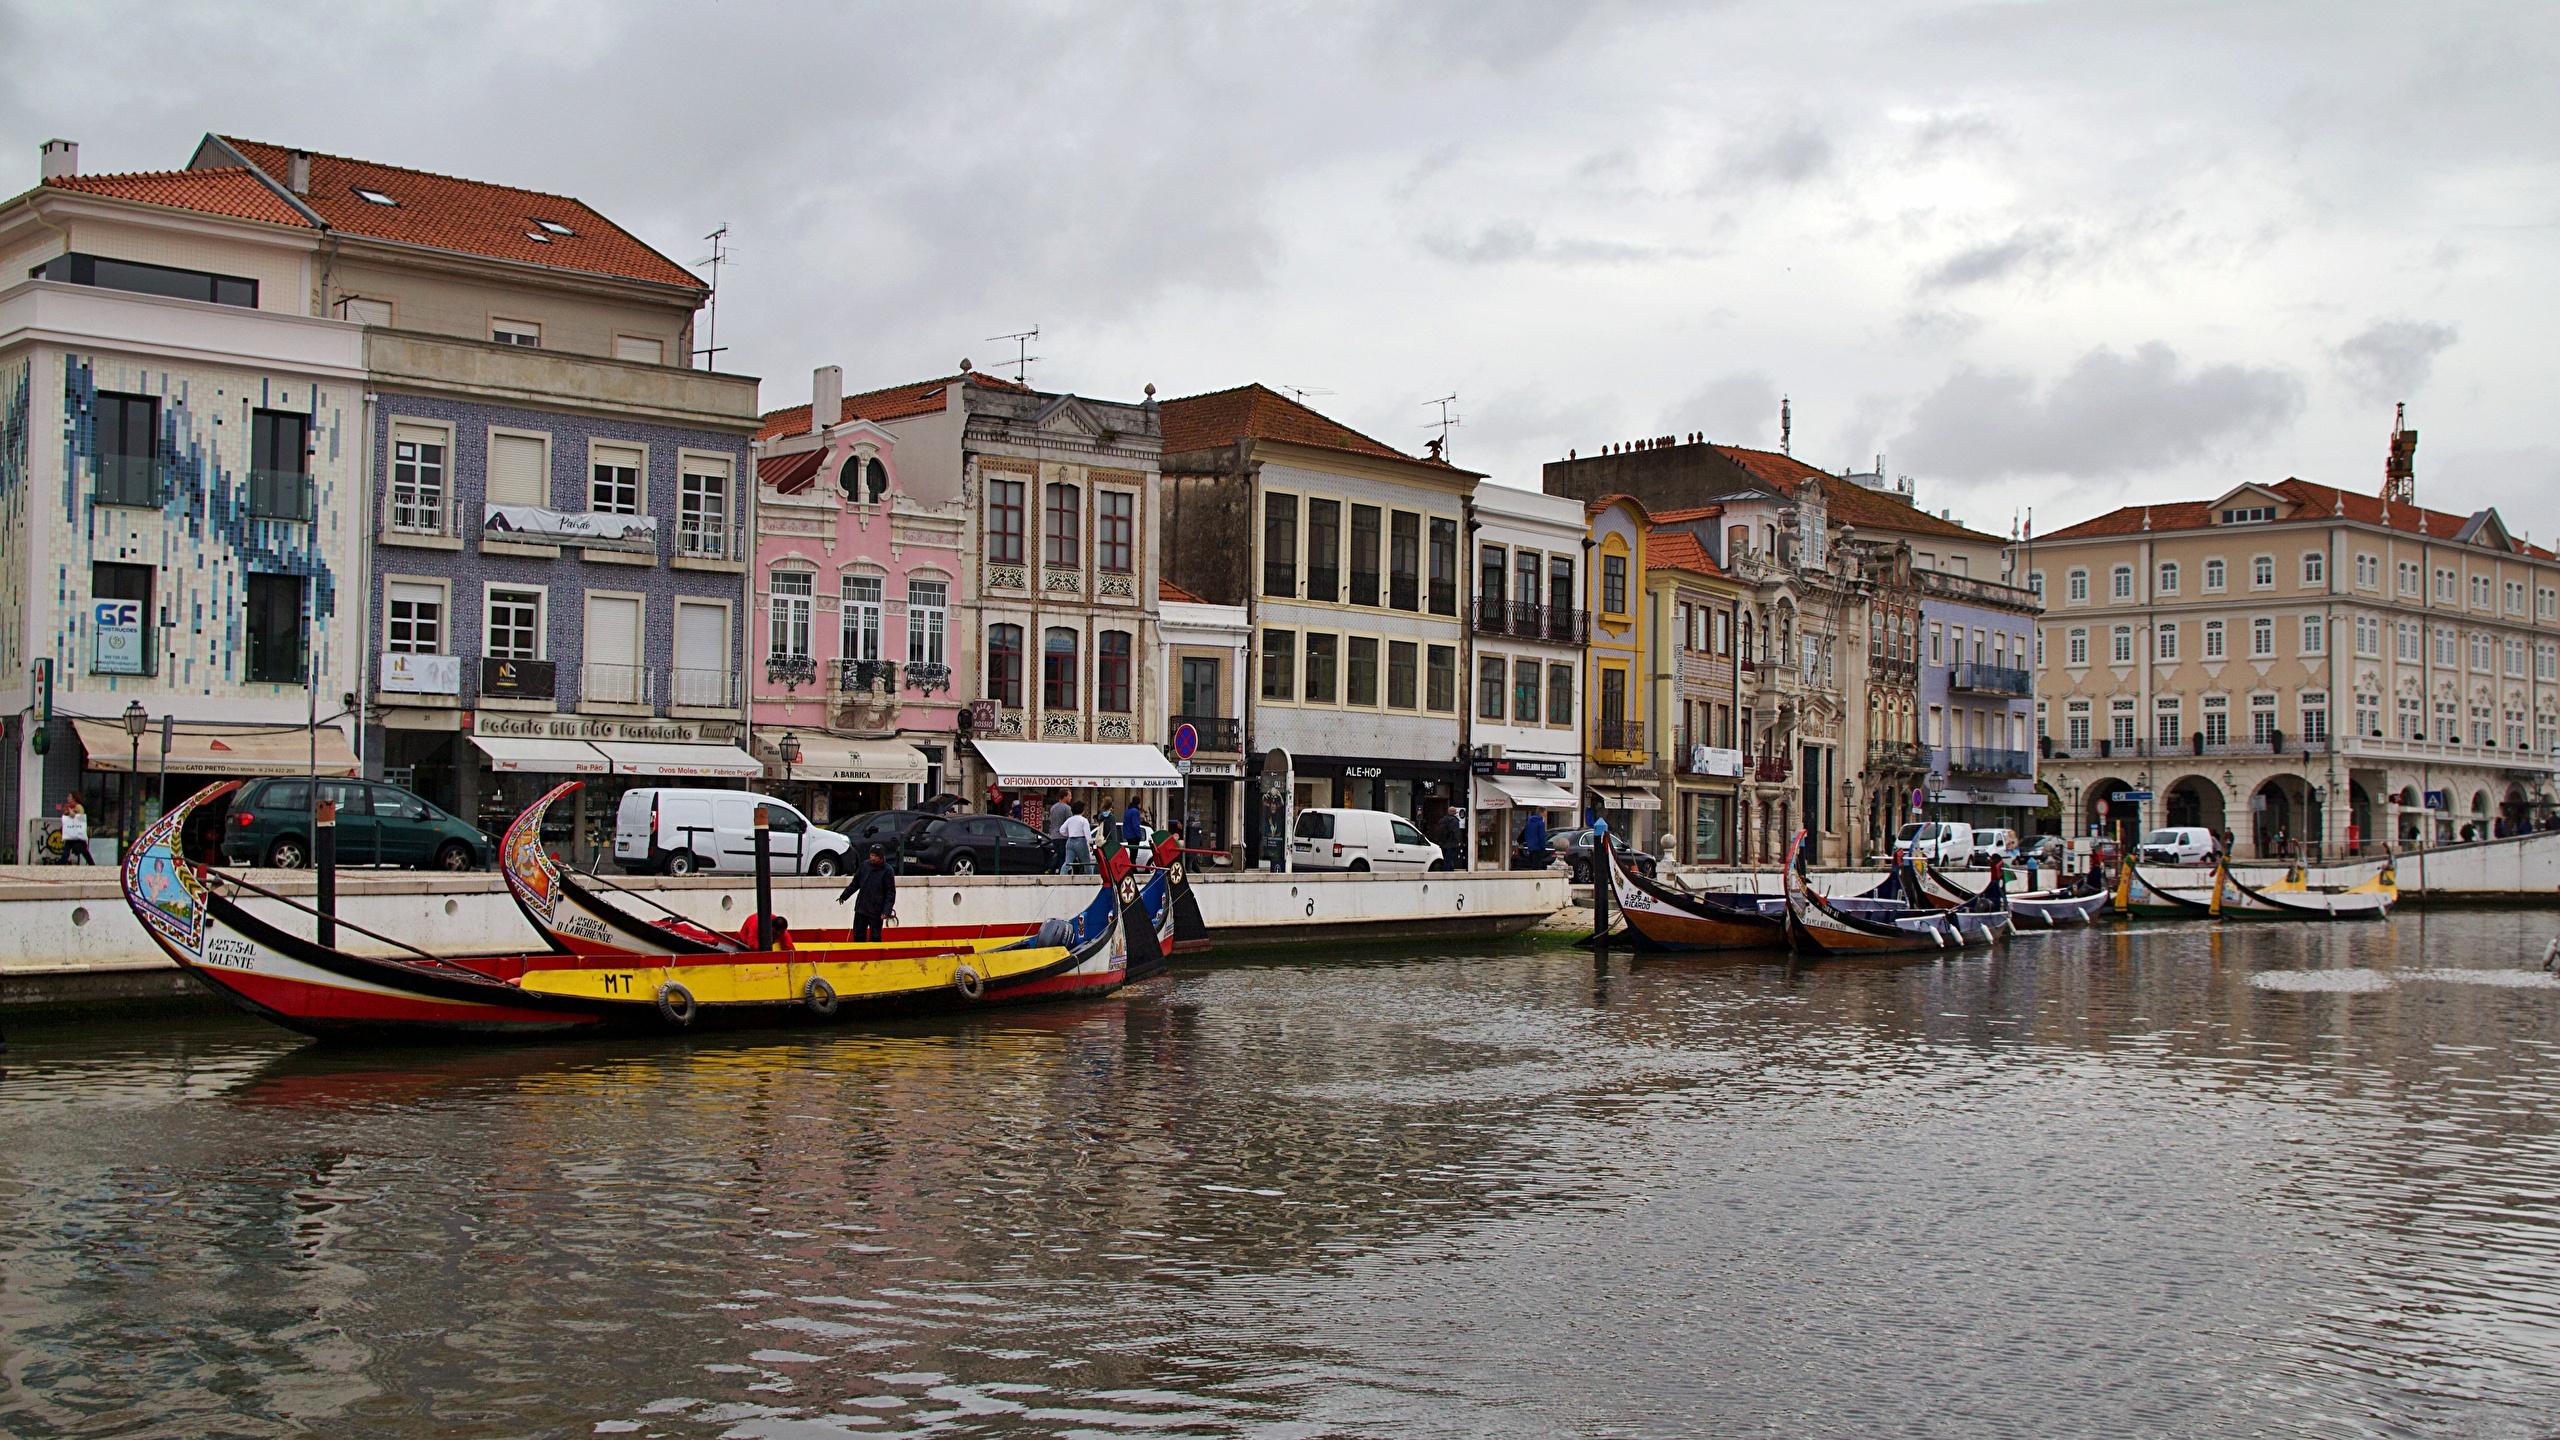 Tapety Portugalia Aveiro Kanał wodny Łodzie miasto budynki 2560x1440 łódź Domy Miasta budynek